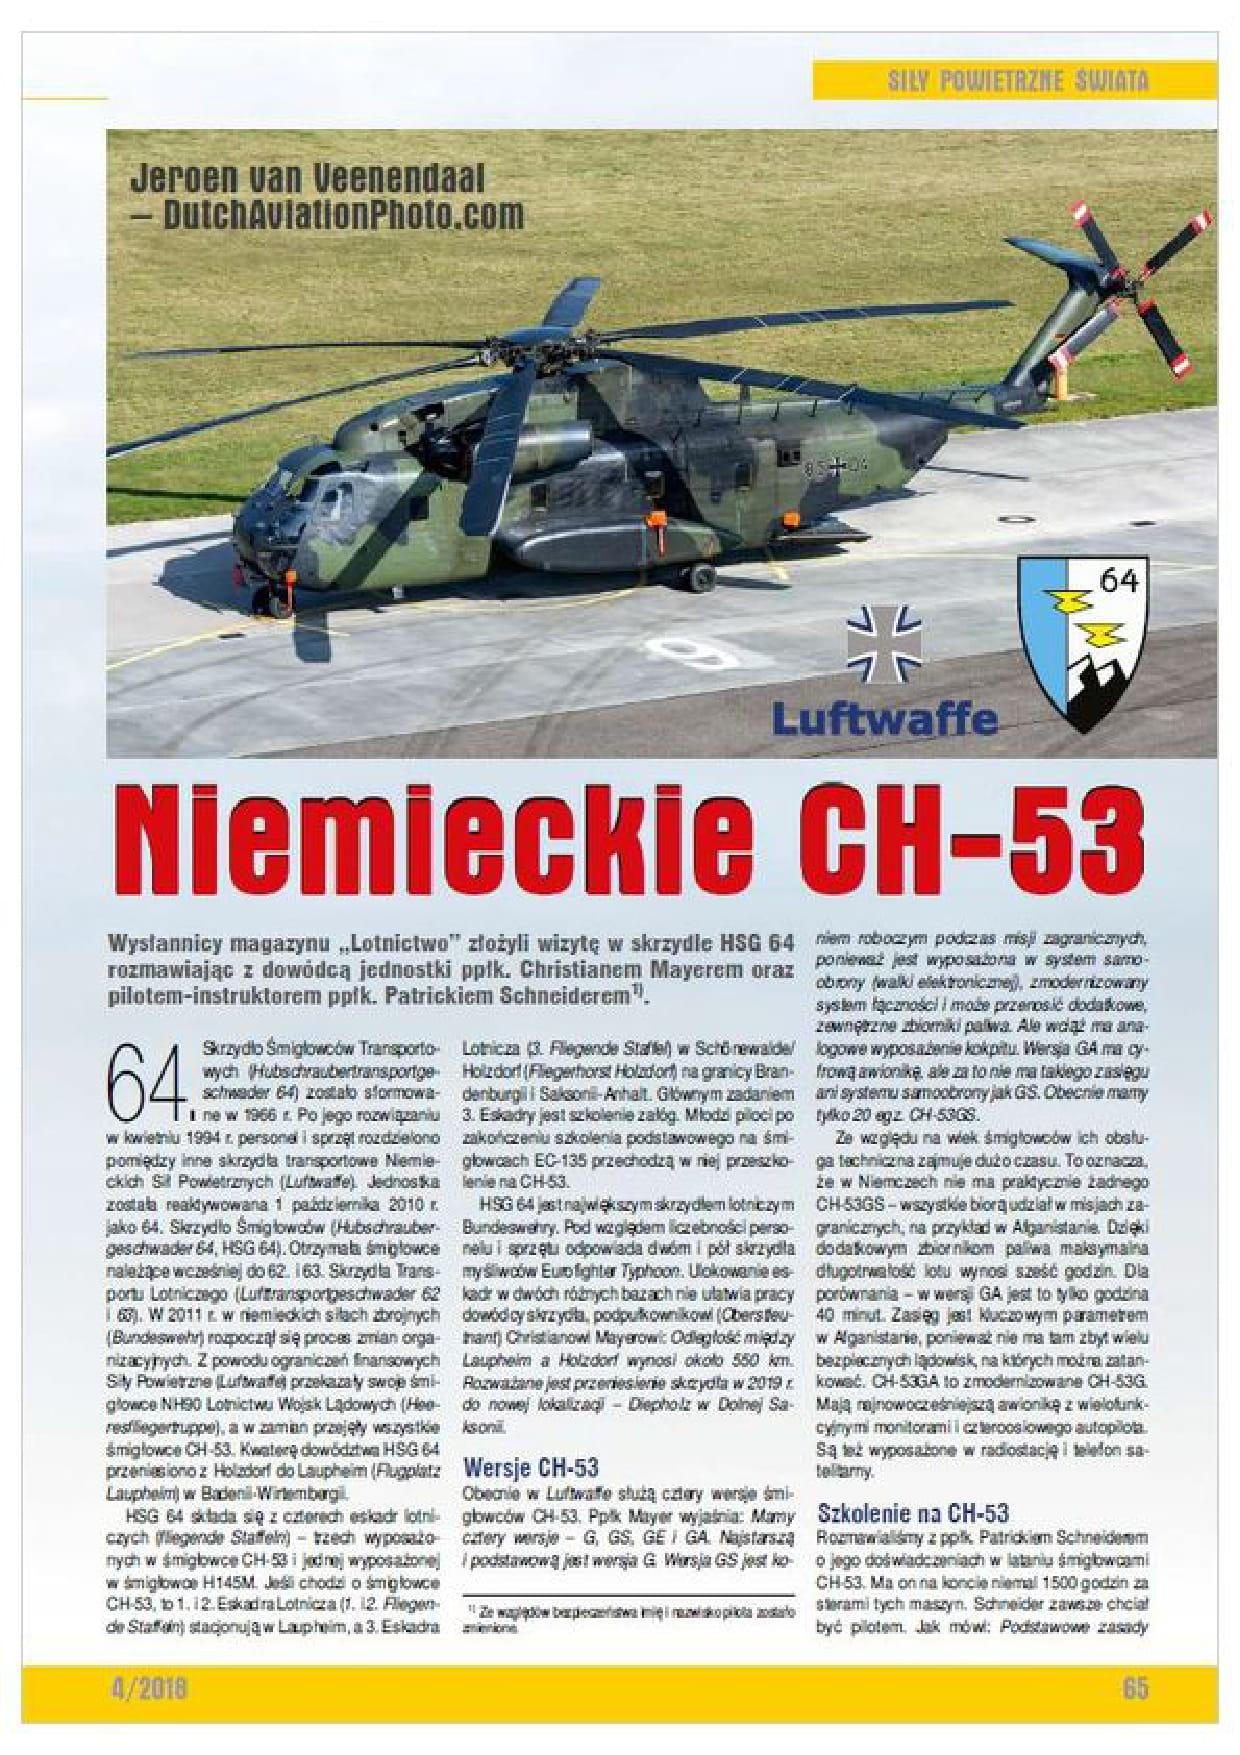 Lotnictwo (Poland)_CH-53 Laupheim (1)-2